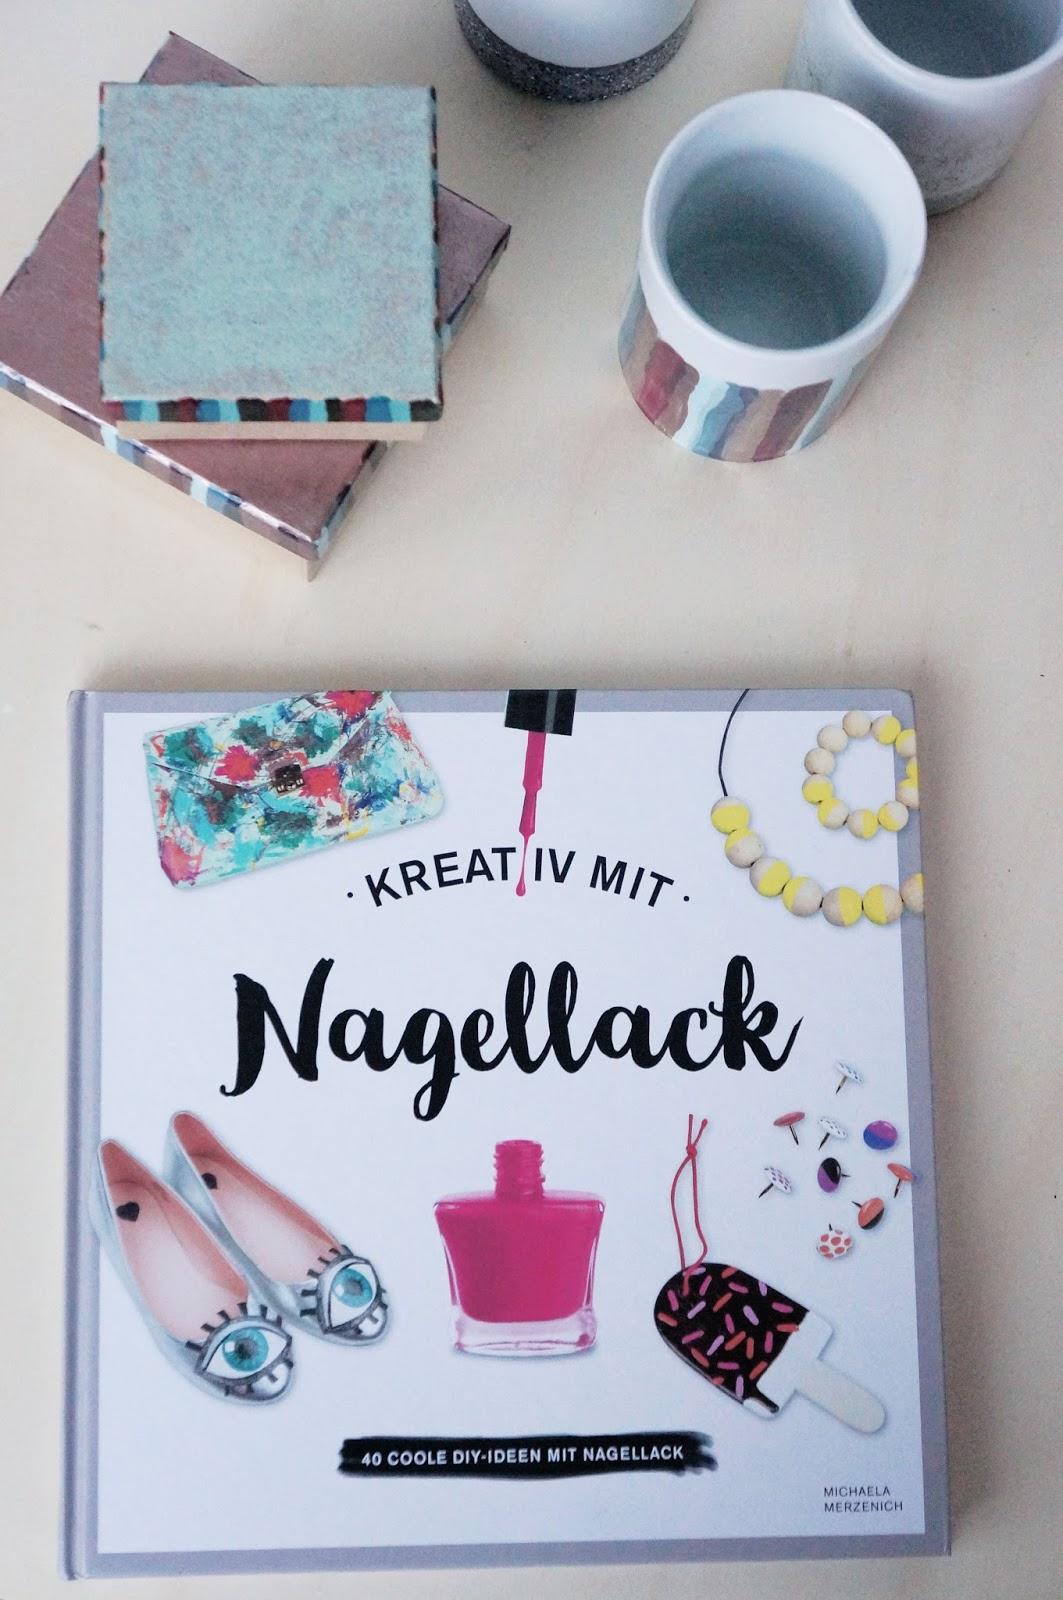 basteln malen kuchen backen von passionen und farben von nagellack und hellomime. Black Bedroom Furniture Sets. Home Design Ideas